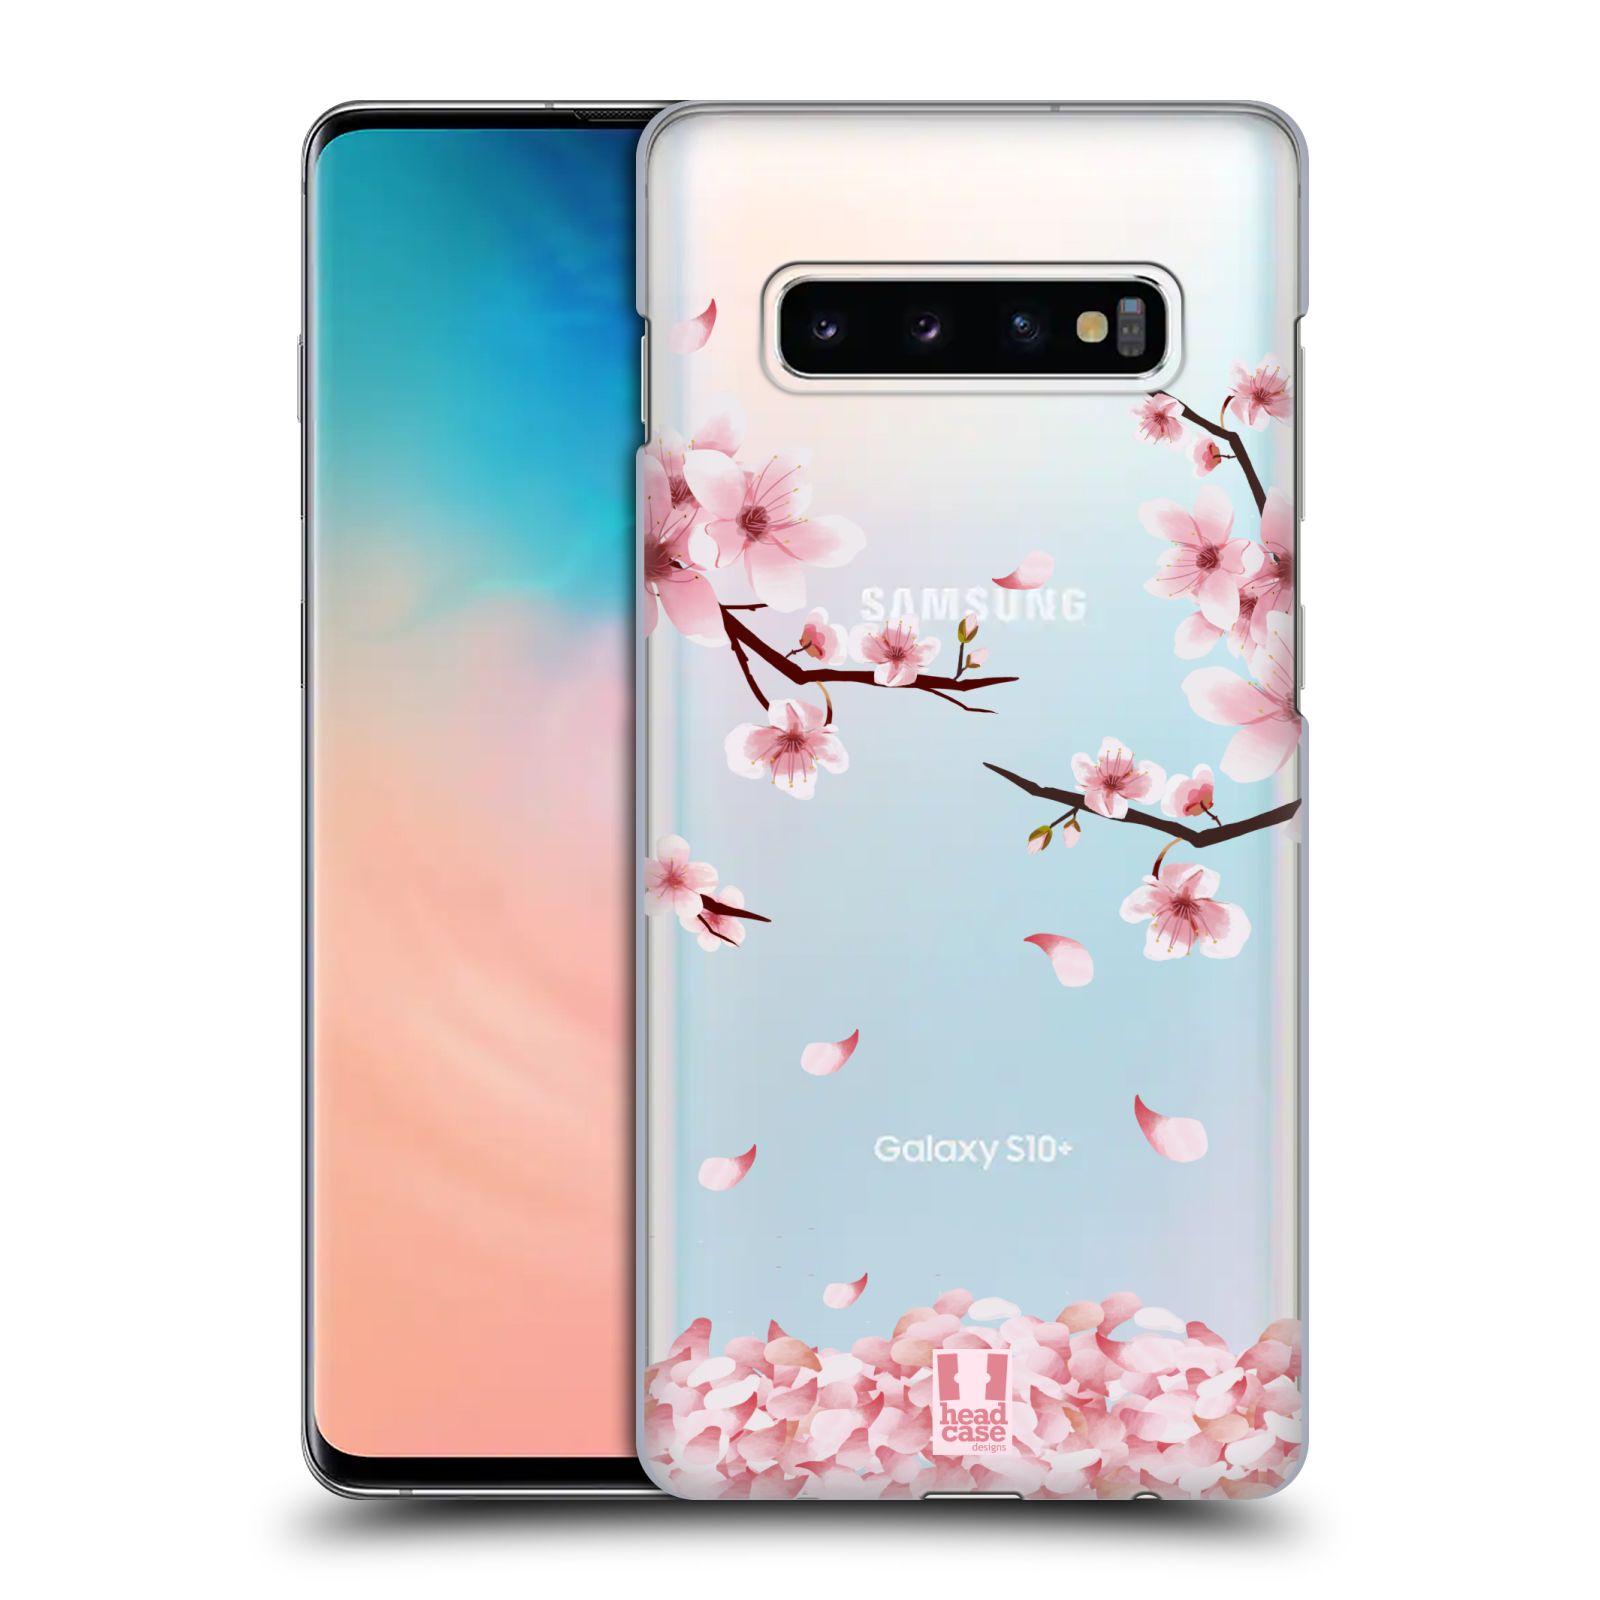 Plastové pouzdro na mobil Samsung Galaxy S10 Plus - Head Case - Květy a větvičky